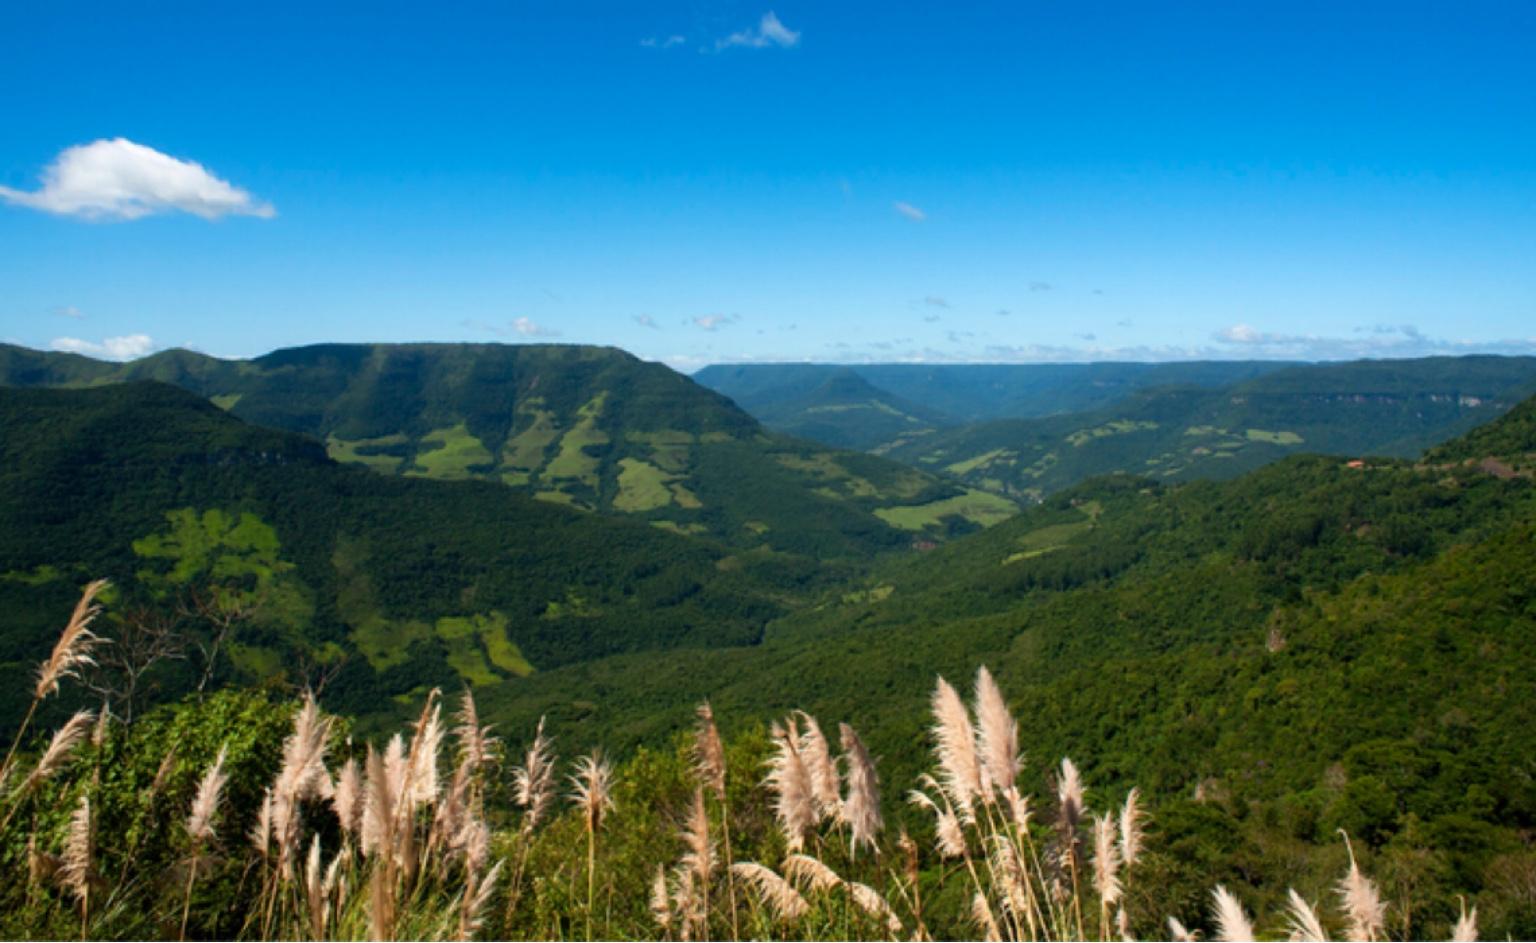 Parques nacionais de Aparados da Serra e da Serra Geral passam a receber investimentos privados